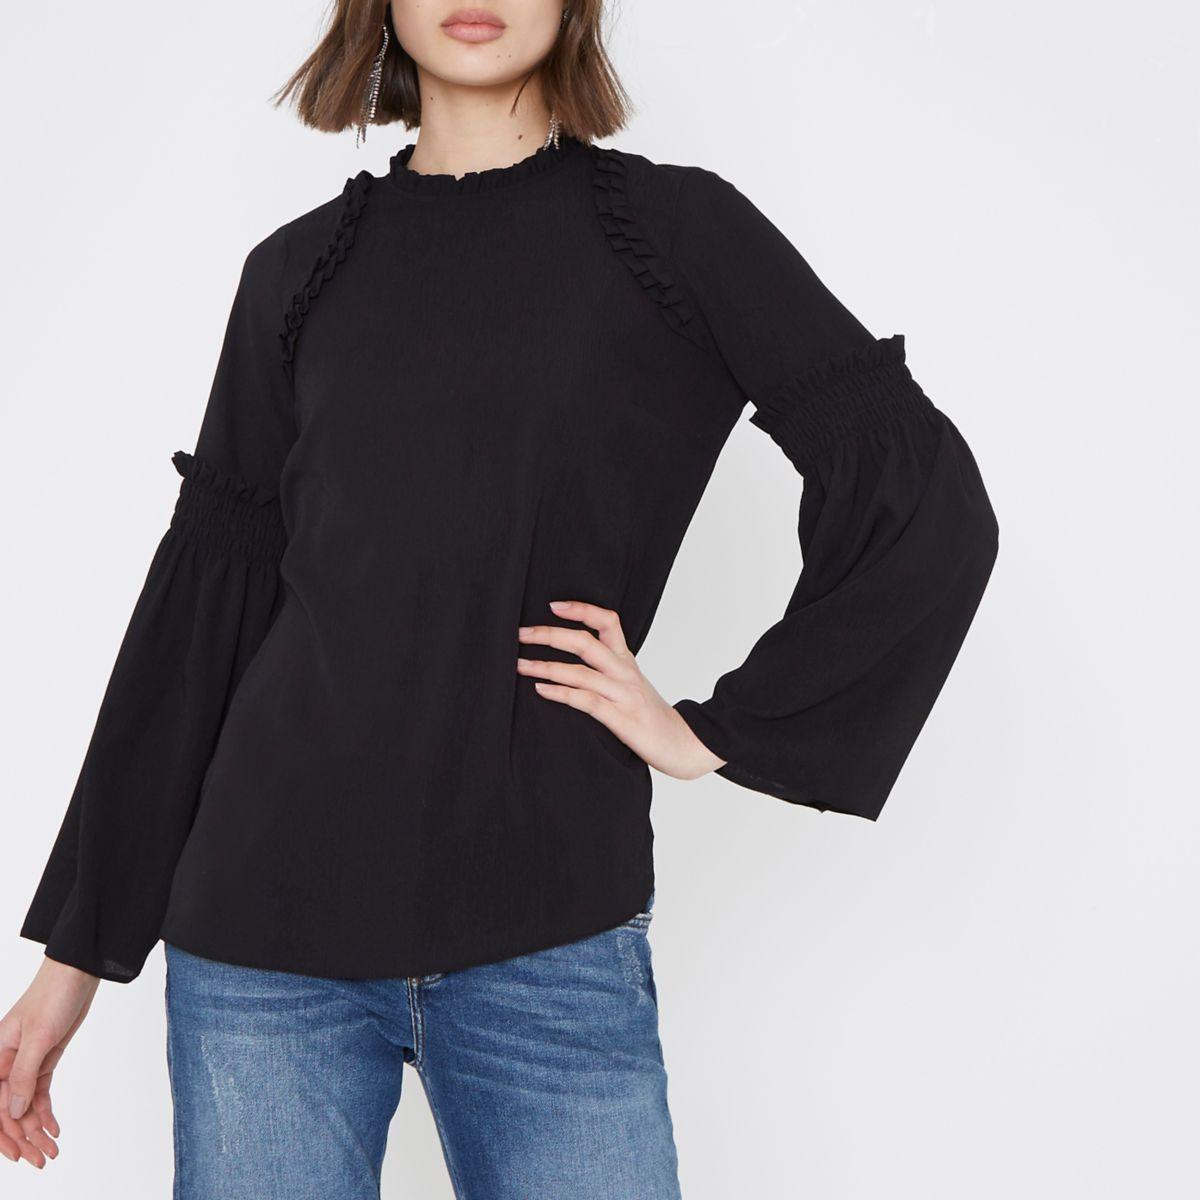 Schwarze, hochgeschlossene Bluse mit Glockenärmeln und Rüschen